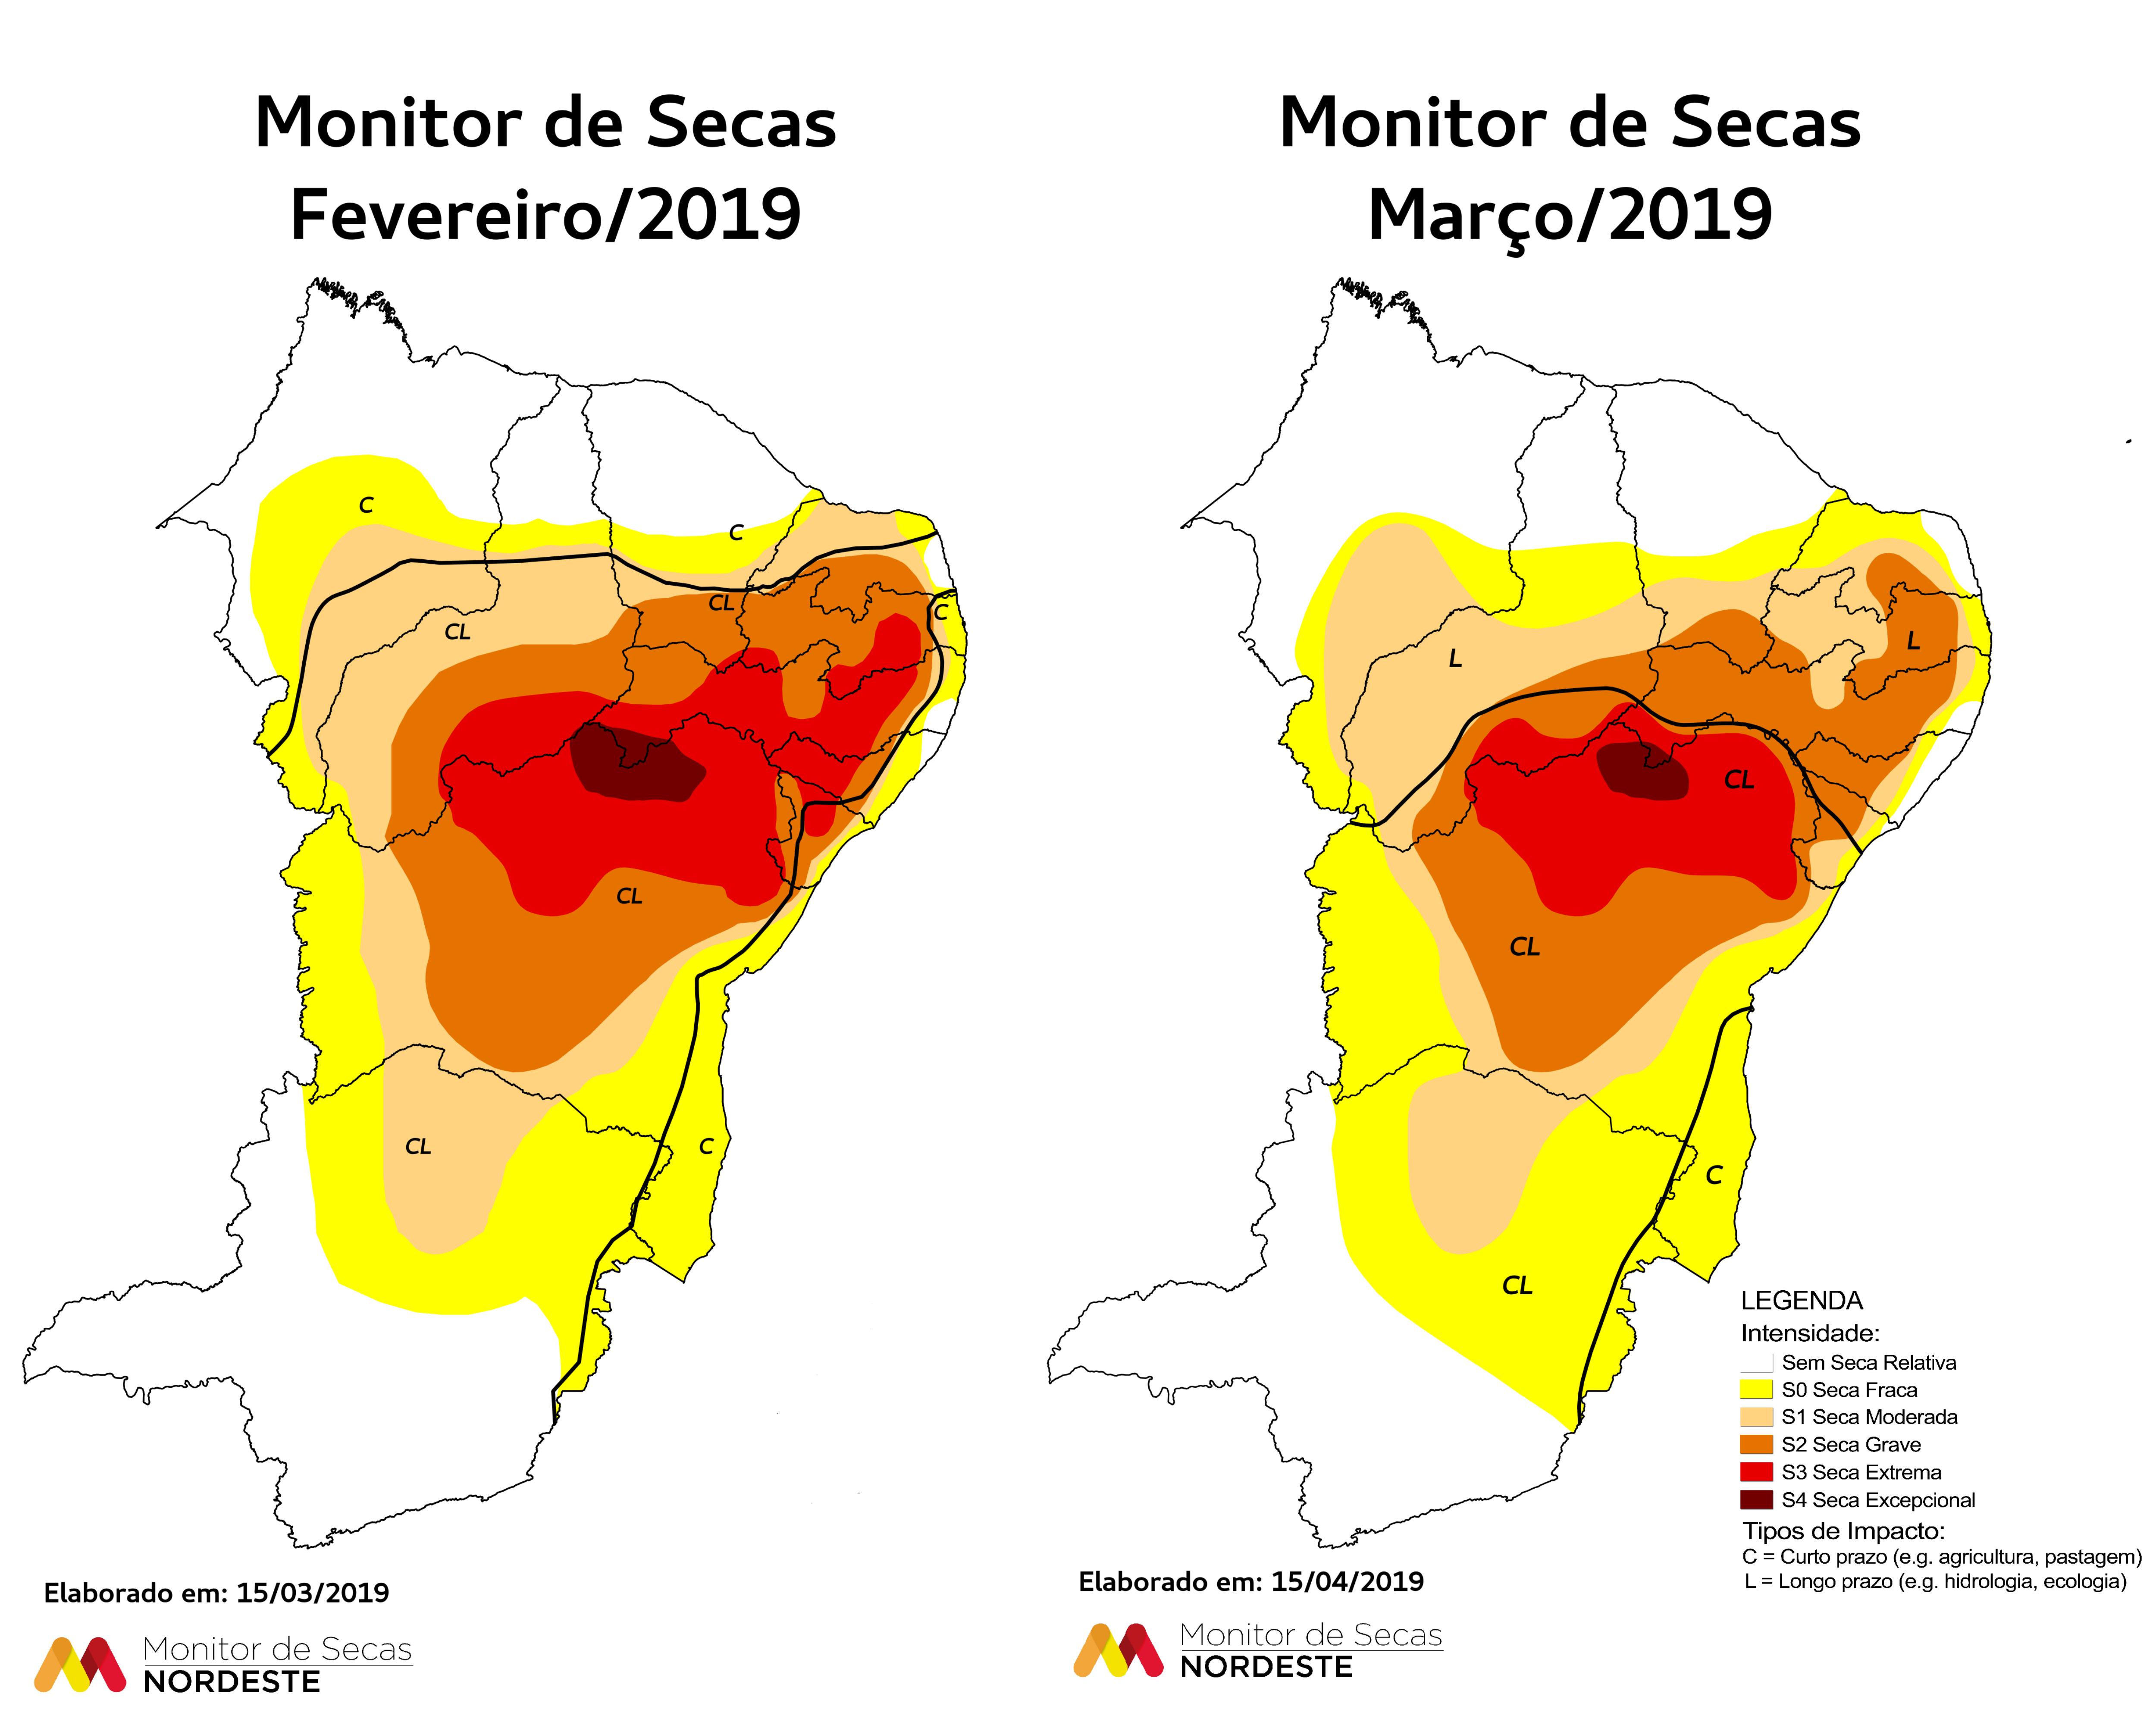 """O Mapa do Monitor de Secas (ou Mapa da Seca) apresenta um """"retrato"""", uma """"fotografia"""" da seca atual, no Nordeste. (FOTO: Divulgação)"""